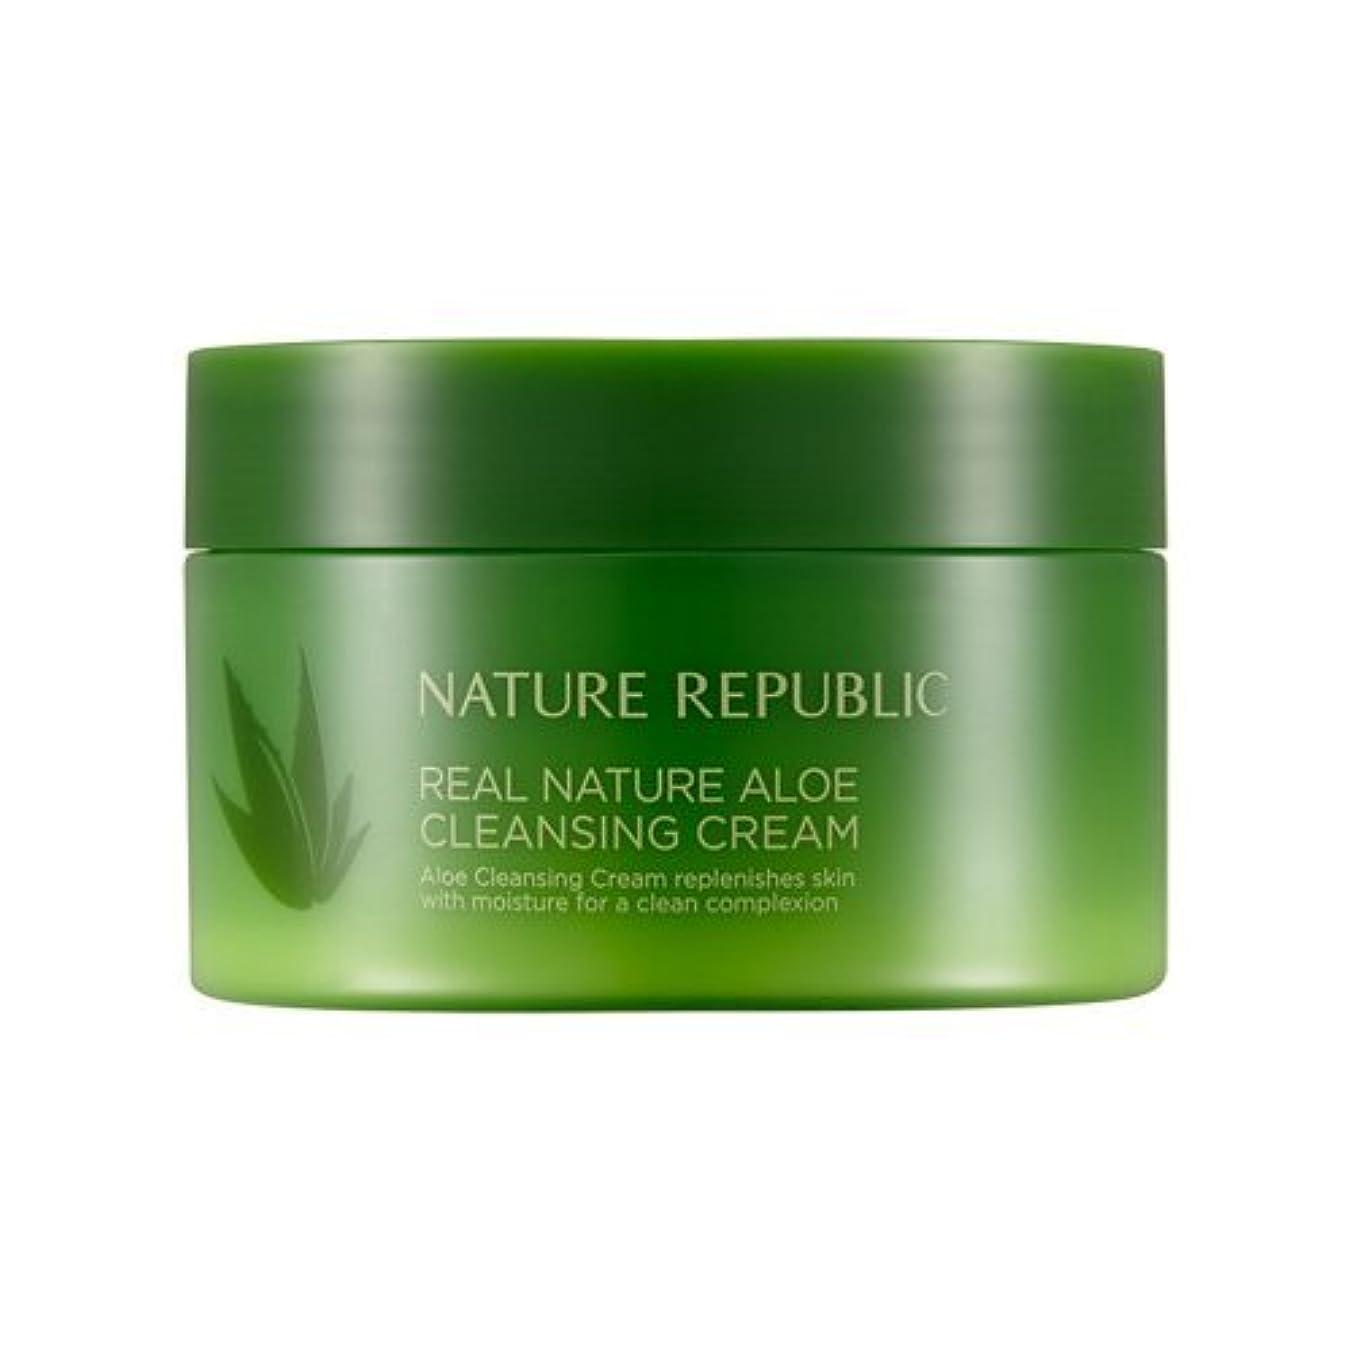 不定時制対応するNature Republic Real Nature Aloe Cleansing Cream / ネイチャーリパブリックリアルネイチャーアロエクレンジングクリーム200ml